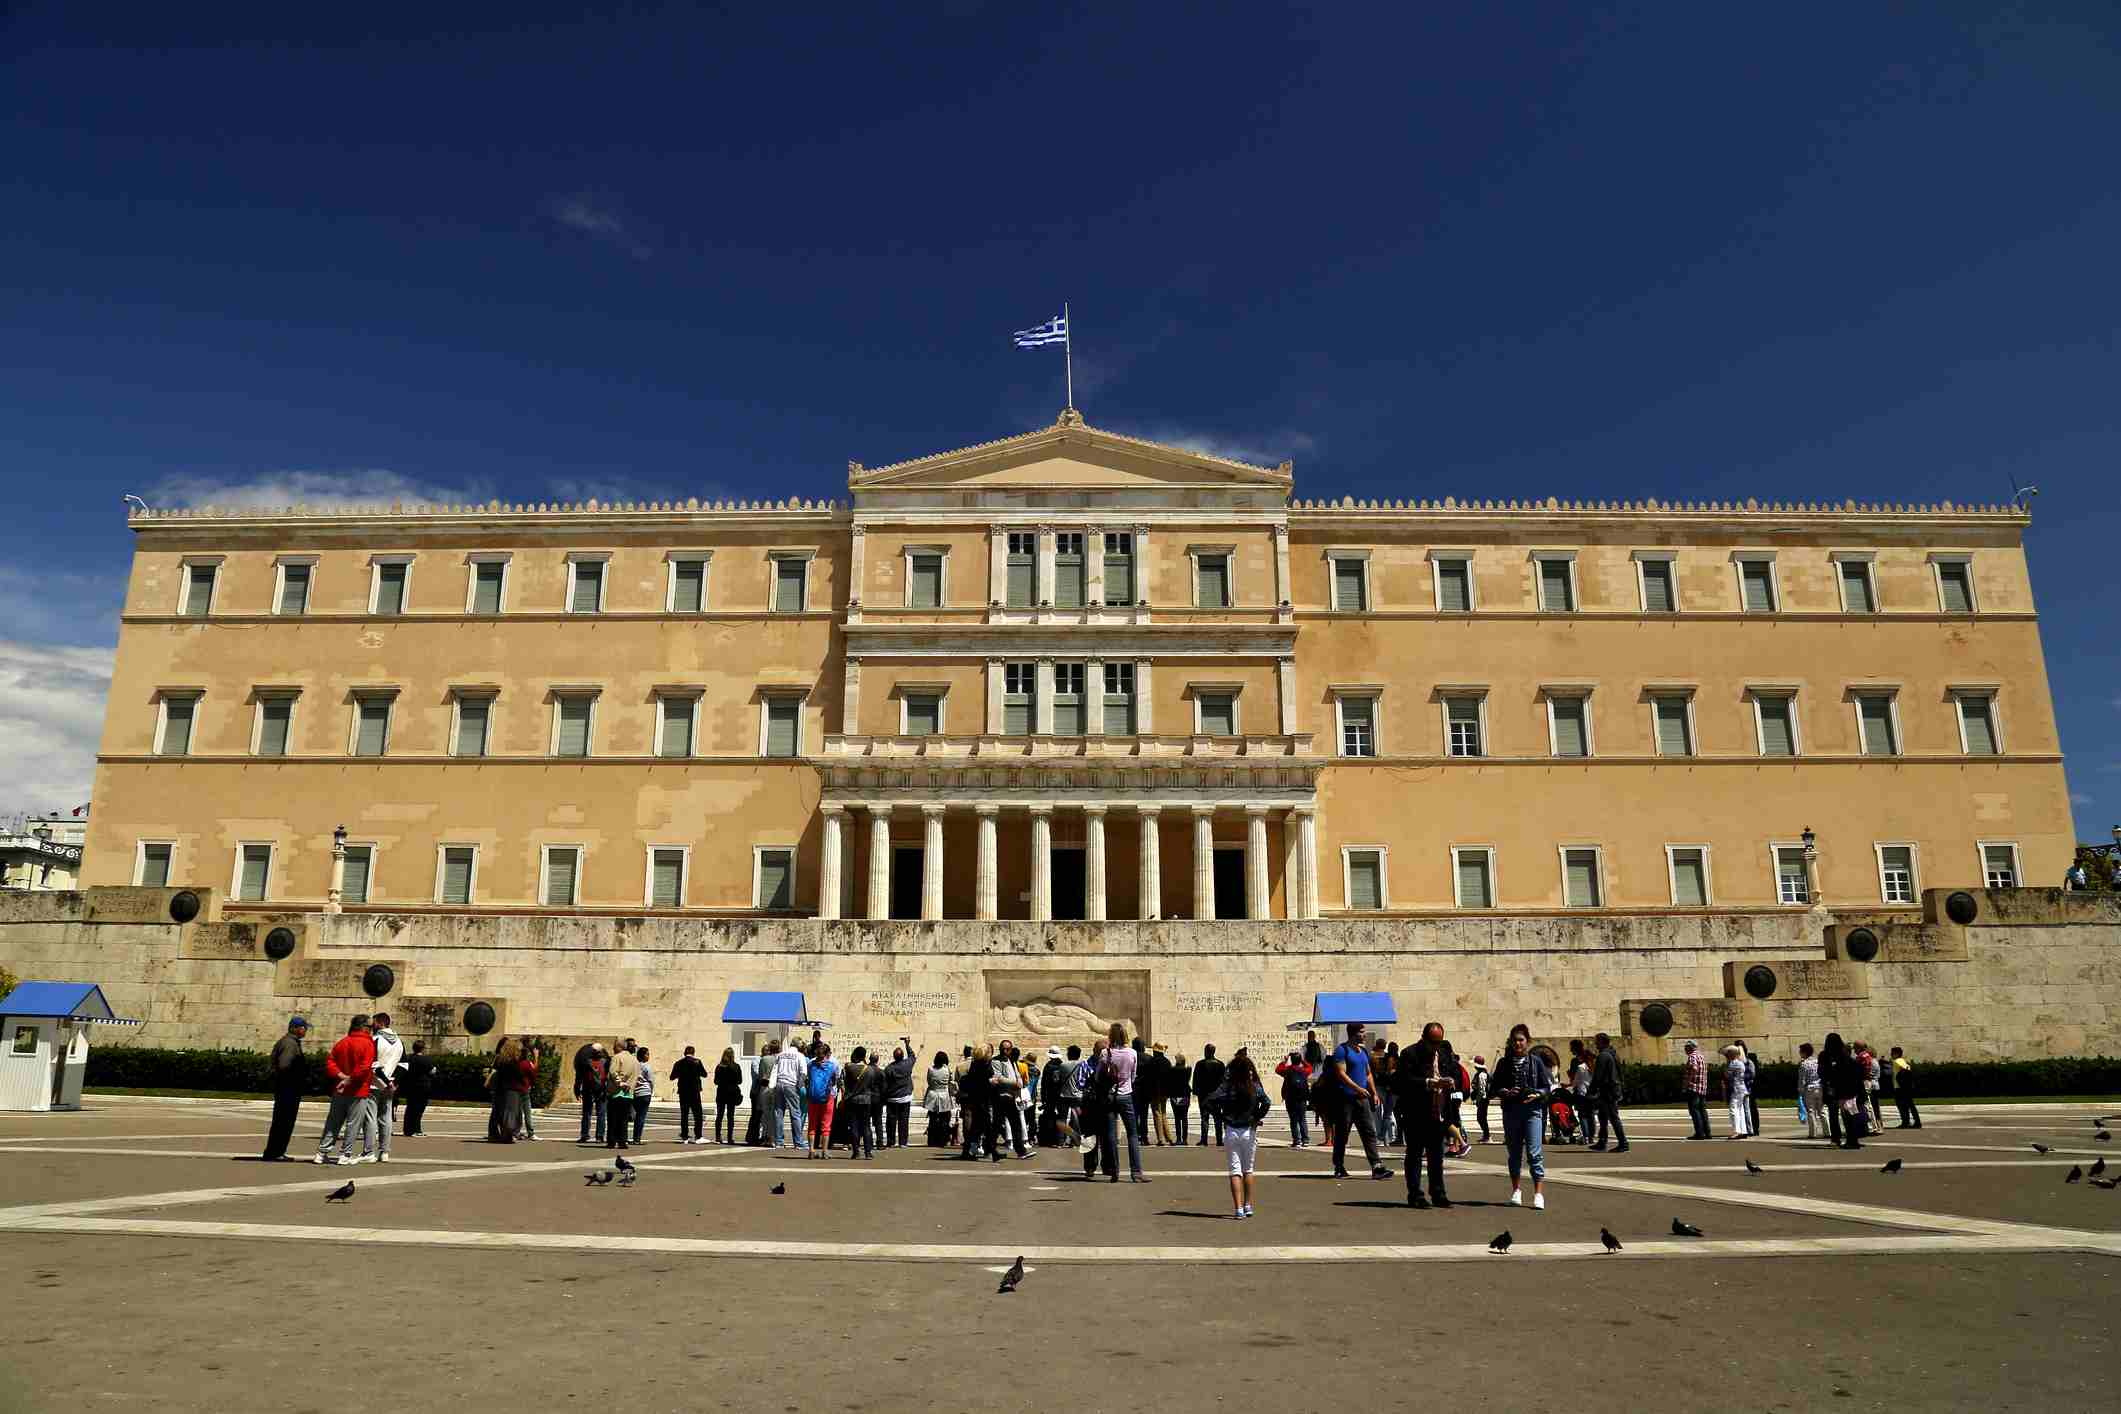 Edificio del Parlamento griego en la Plaza Syntagma